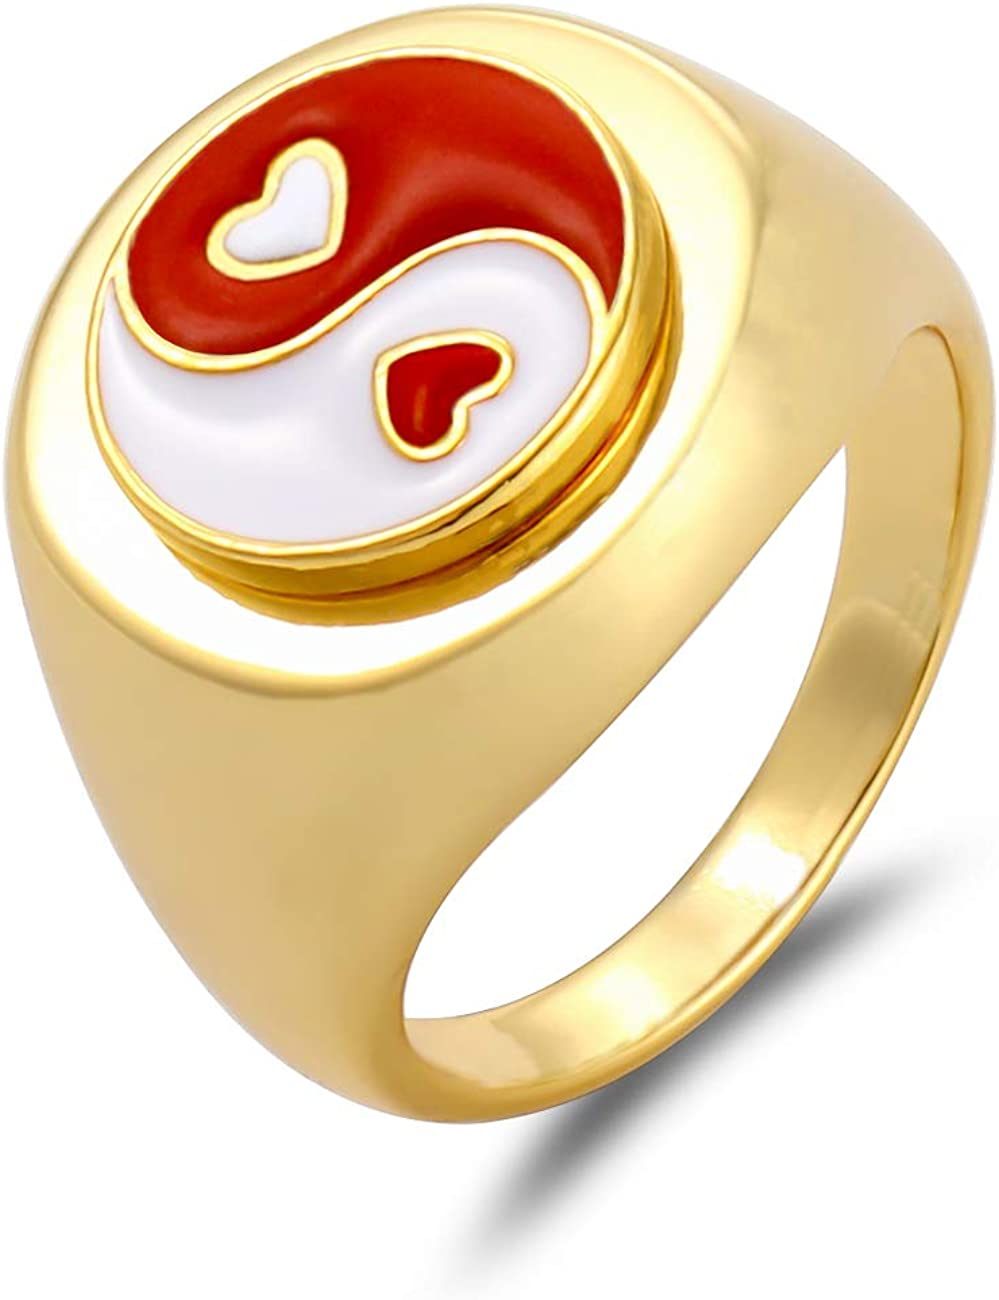 Enamel Yin Yang Ring for Women Vintage Daisy Flower Rings Clover Lucky Finger Ring Rose Infinity Chrysanthemum 18K Gold Stainless Steel Statement Ring for Girl (Tai Chi-Red, 19.1mm)